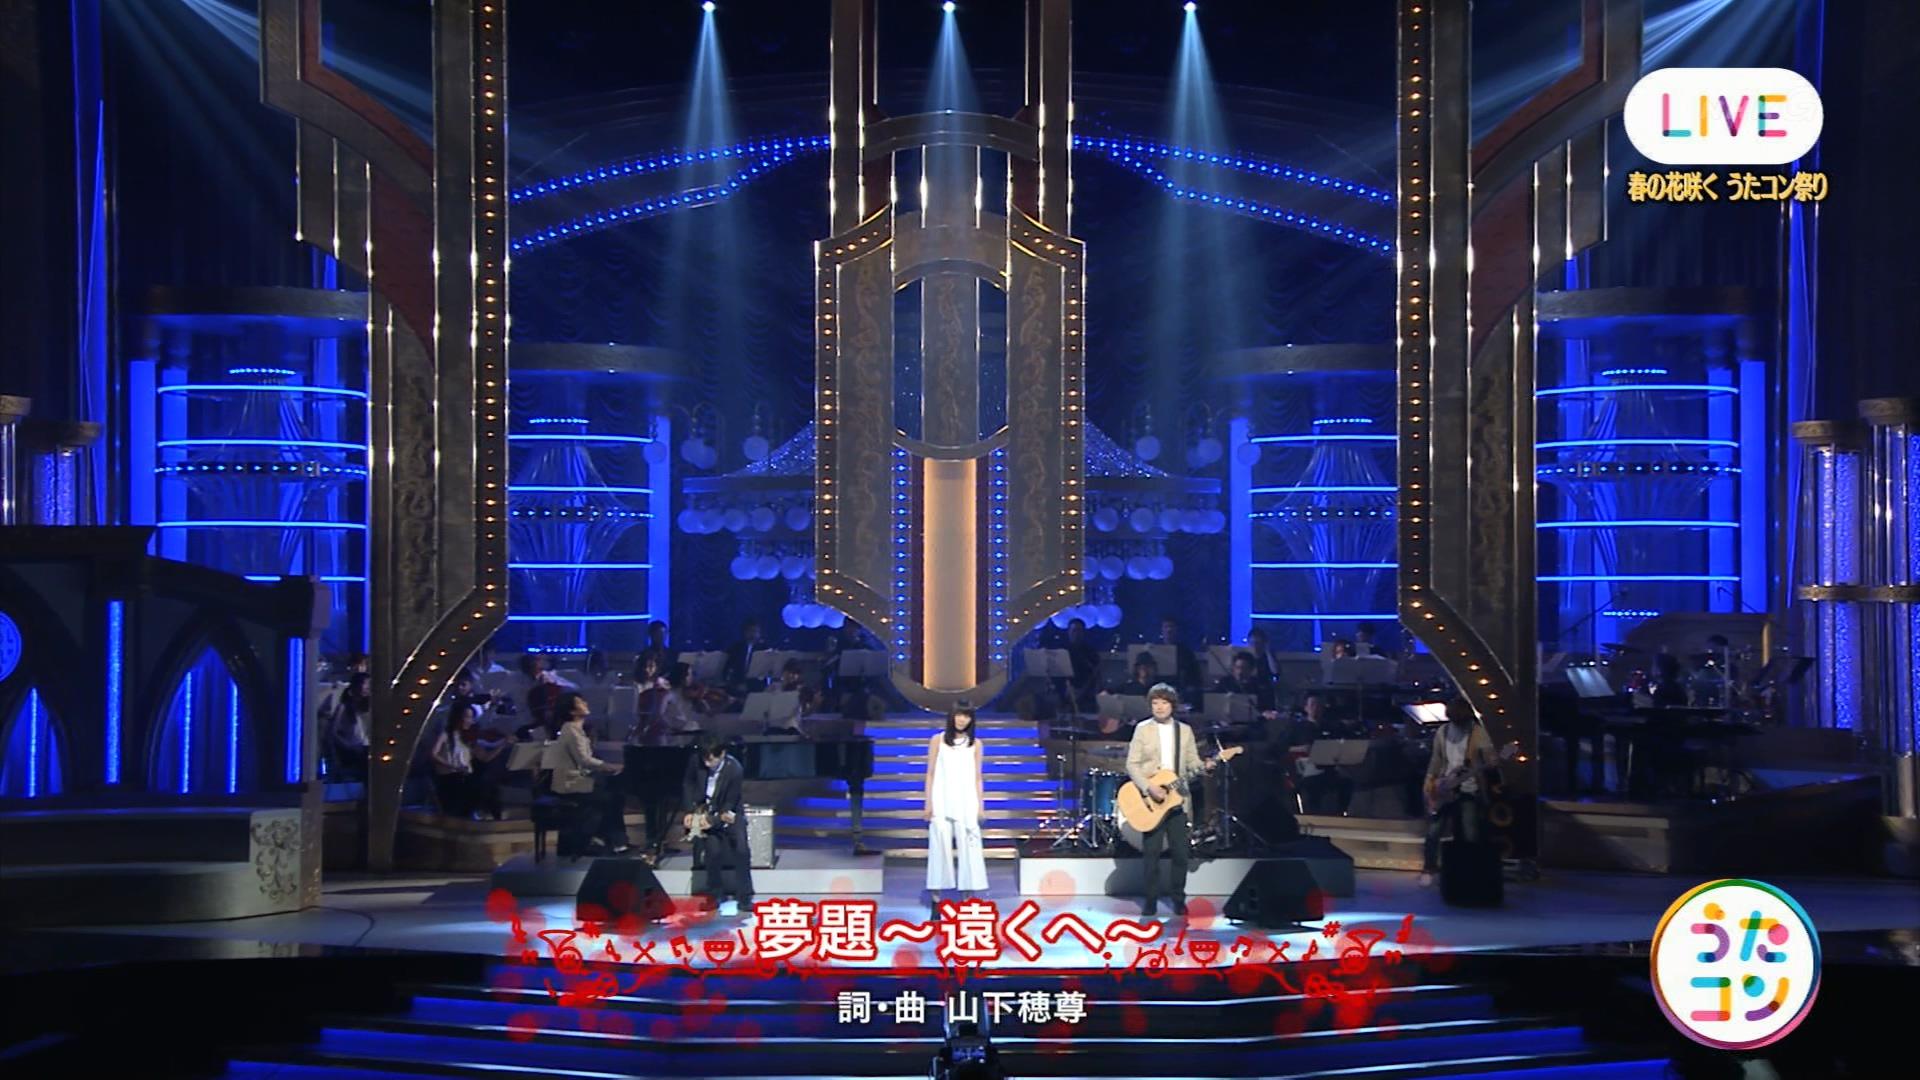 2016.04.12 全場(うたコン).ts_20160412_211212.403